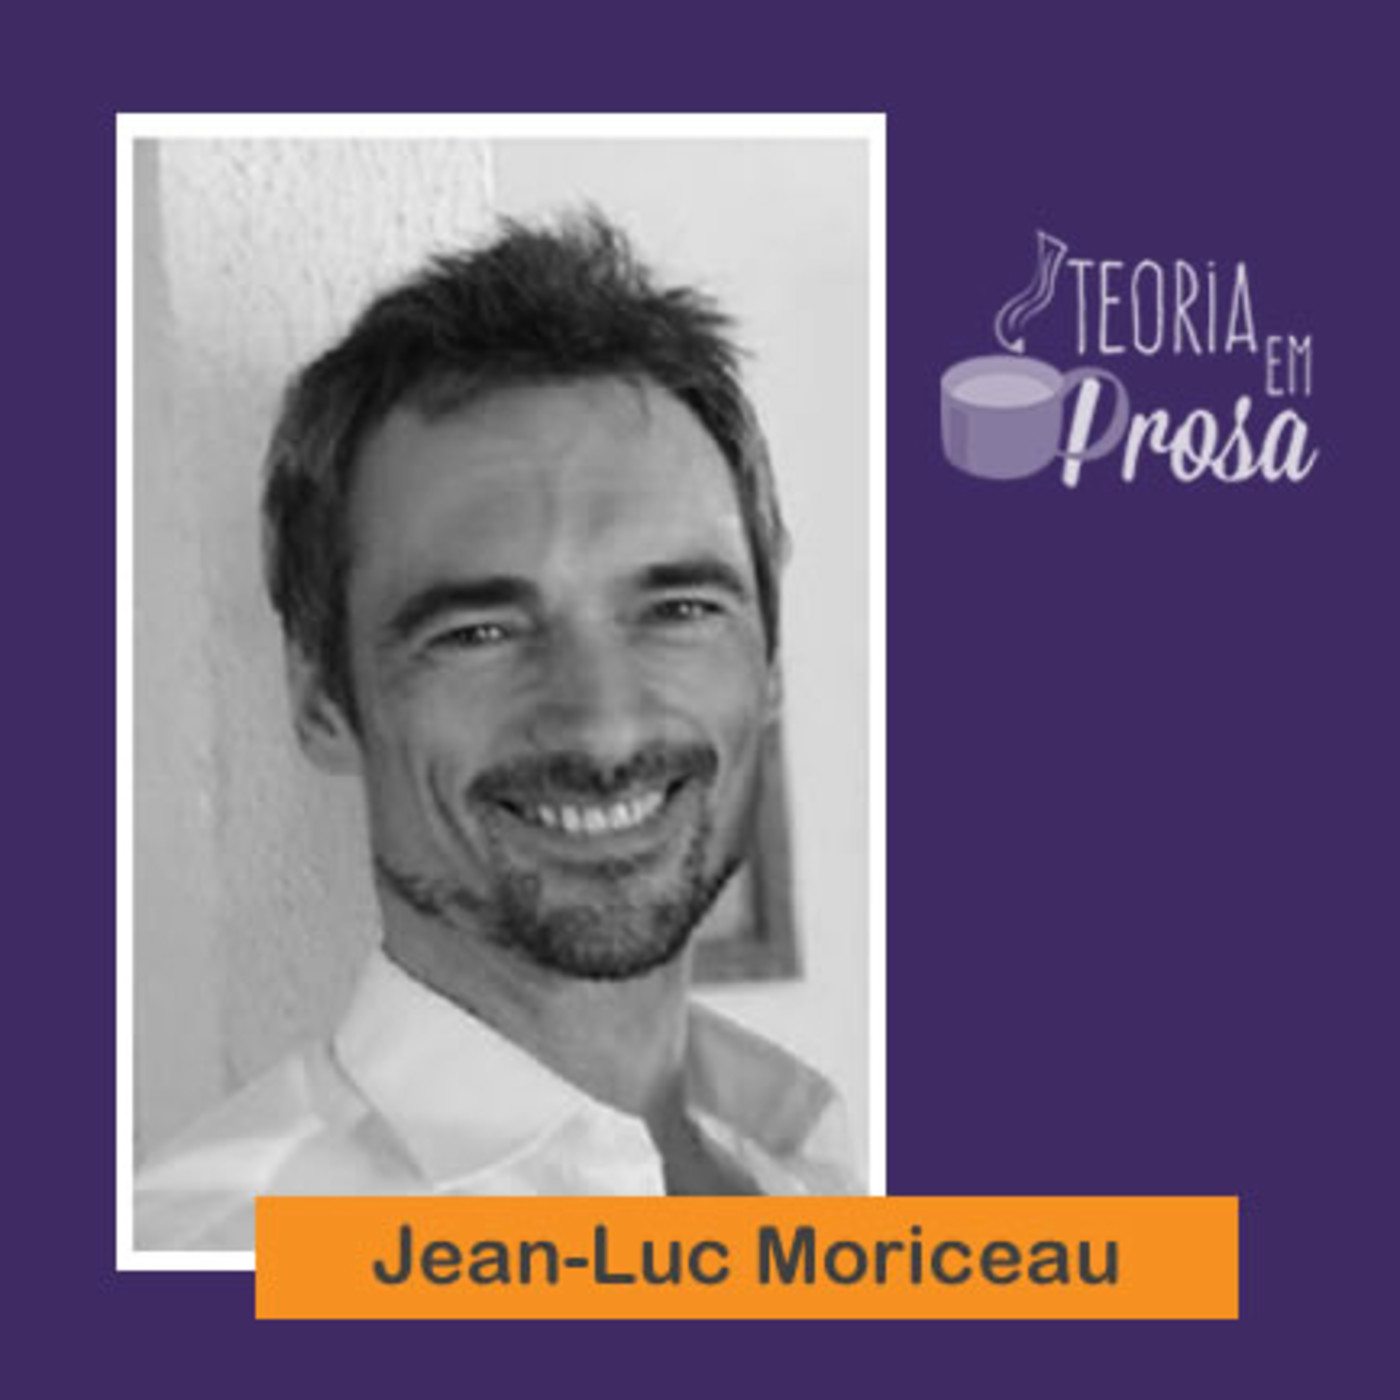 #02 Teoria em Prosa - Jean-Luc Moriceau